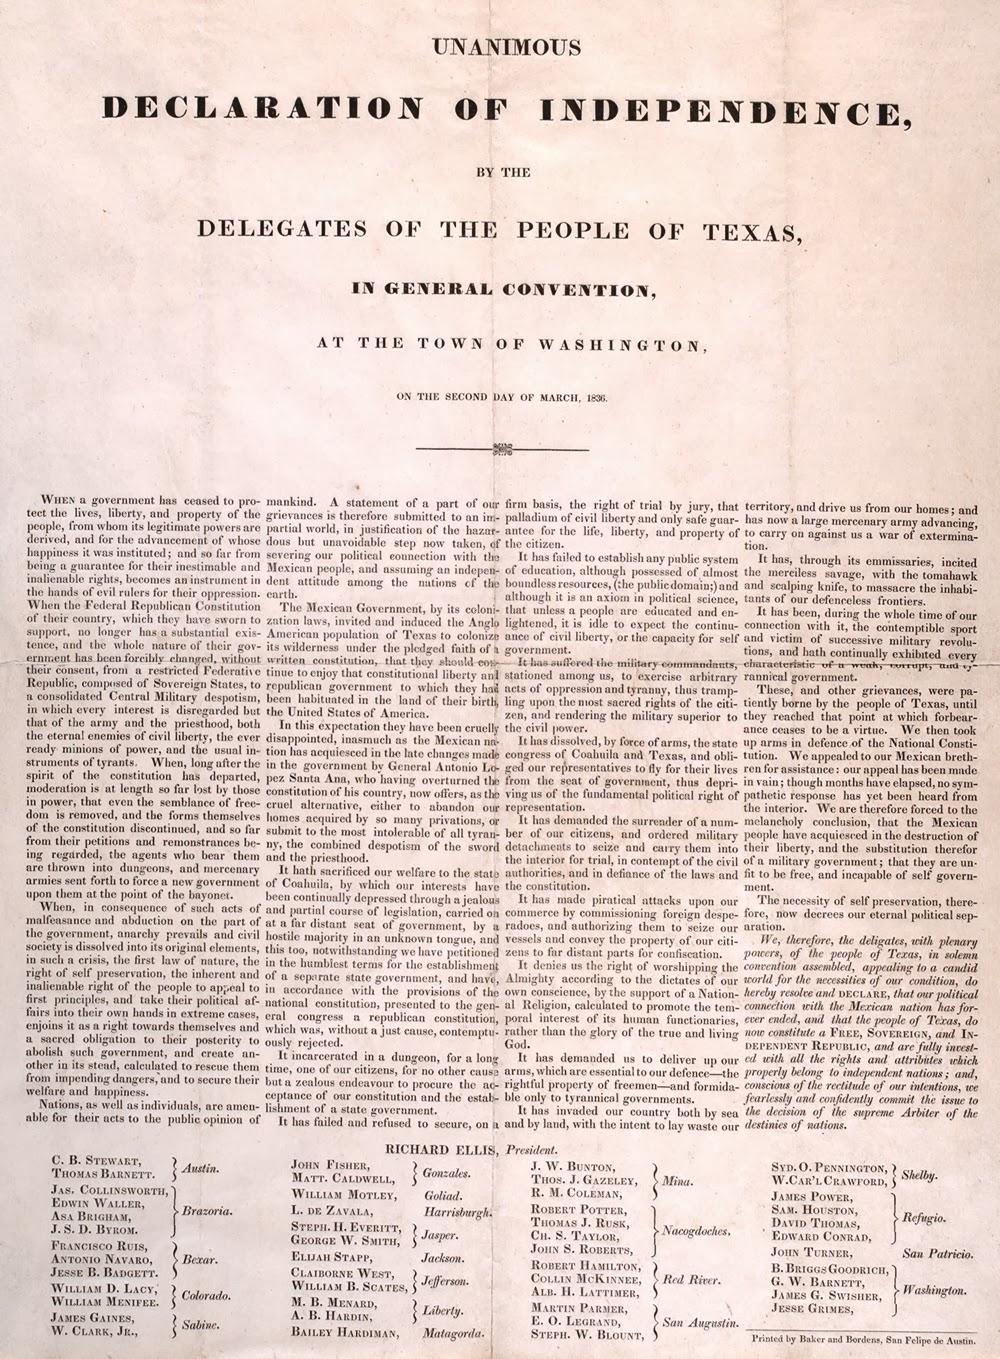 TLAMATQUI: Declaración de Independencia de Texas ( 2 de marzo de 1836)